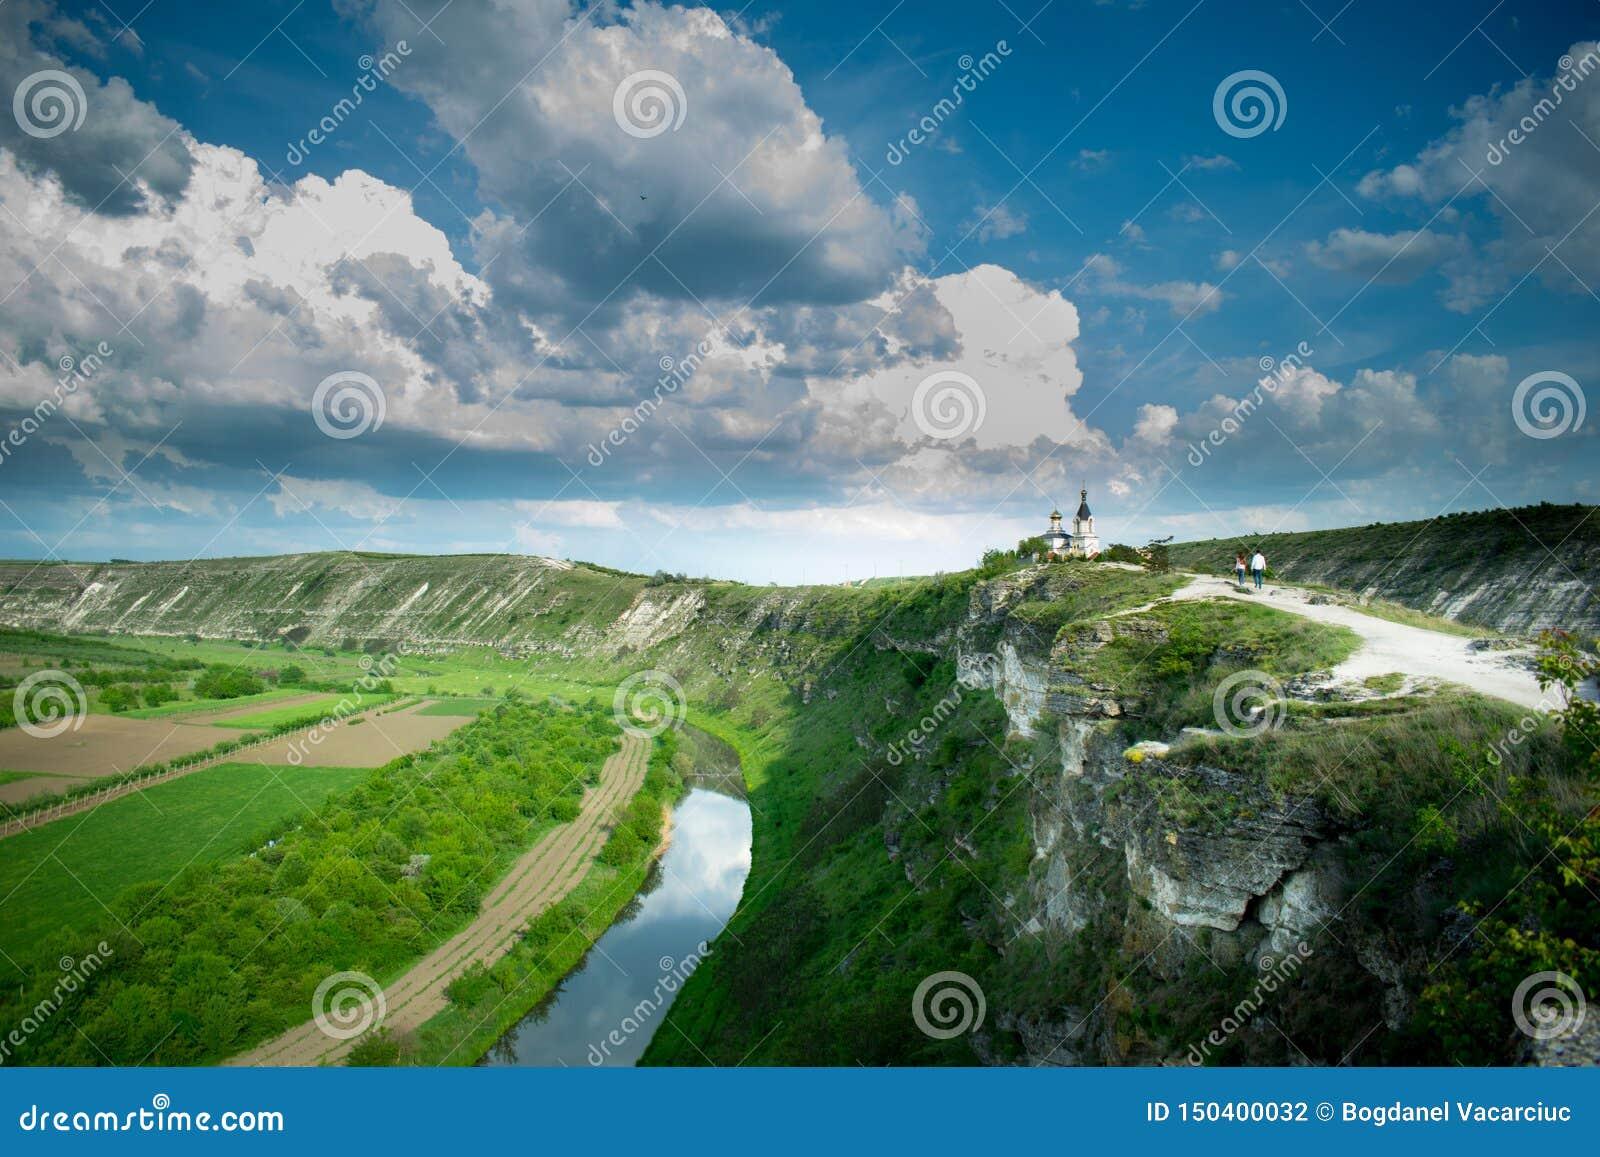 Ett härligt foto från en höjd En flod och en kyrka